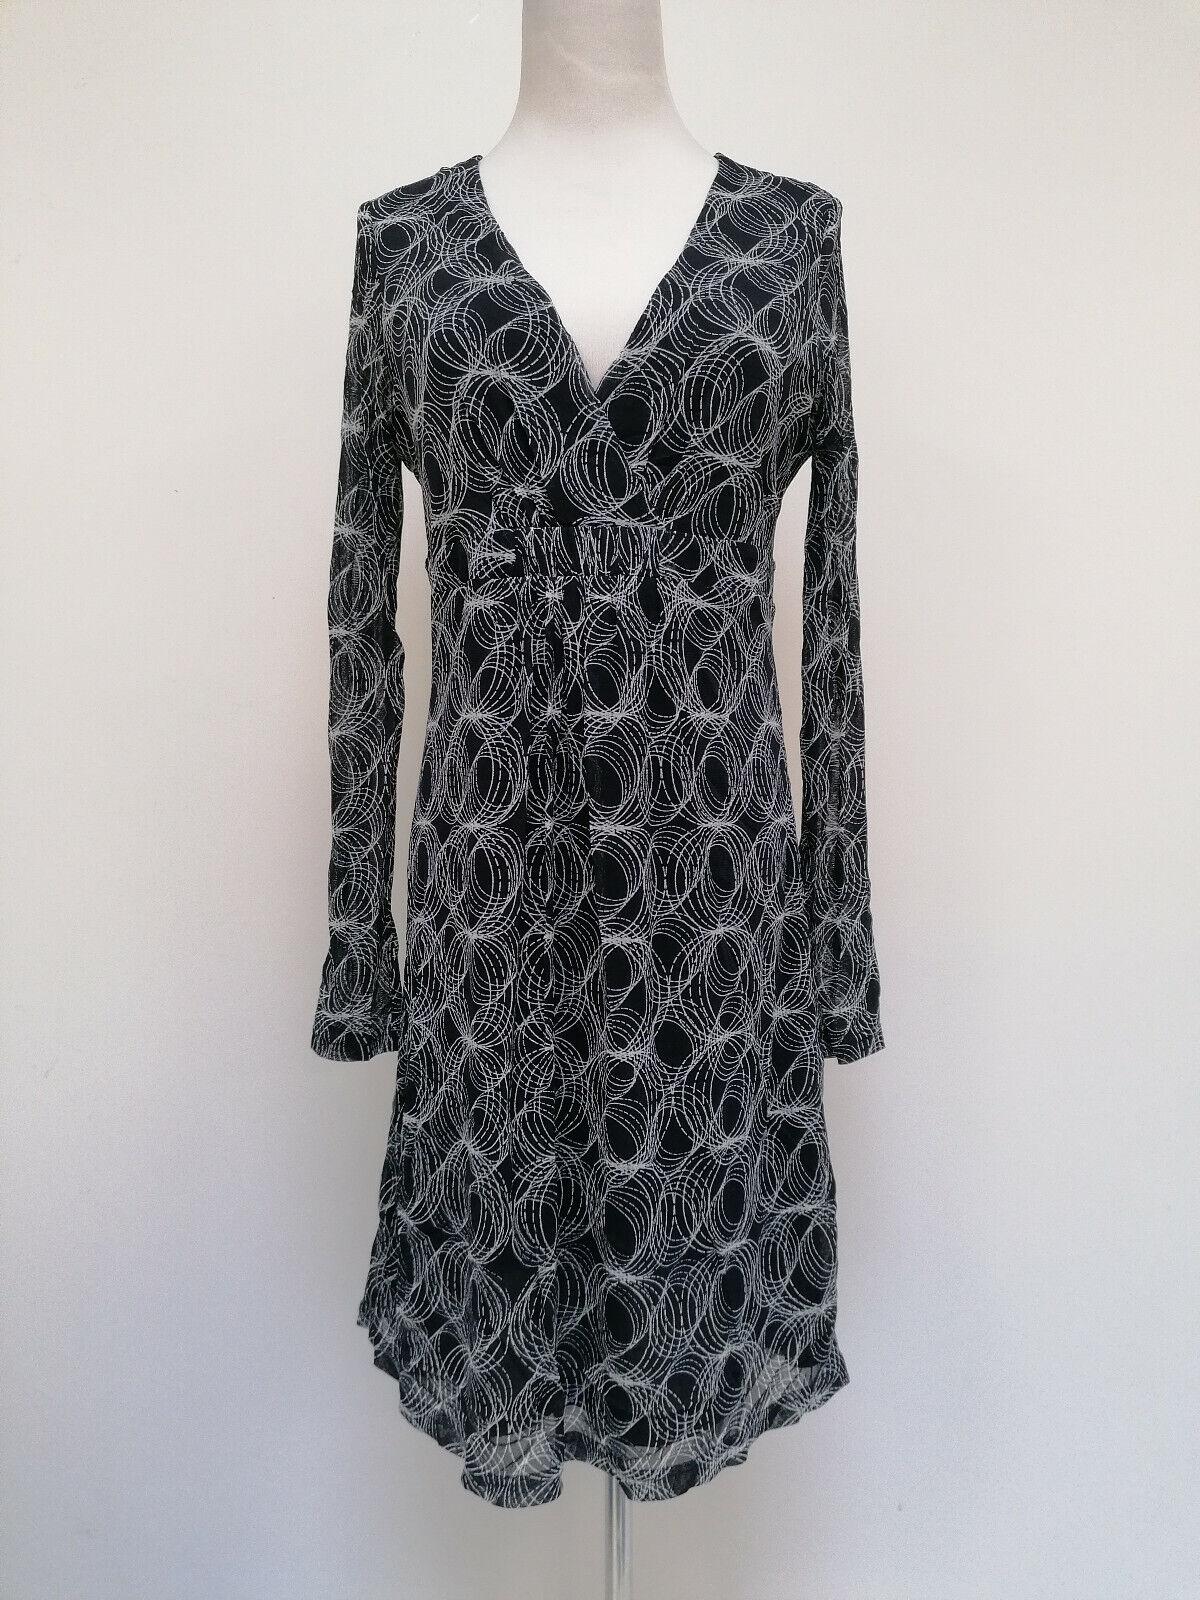 Esprit langarm Mesh Damen Kleid blau Größe L 38046